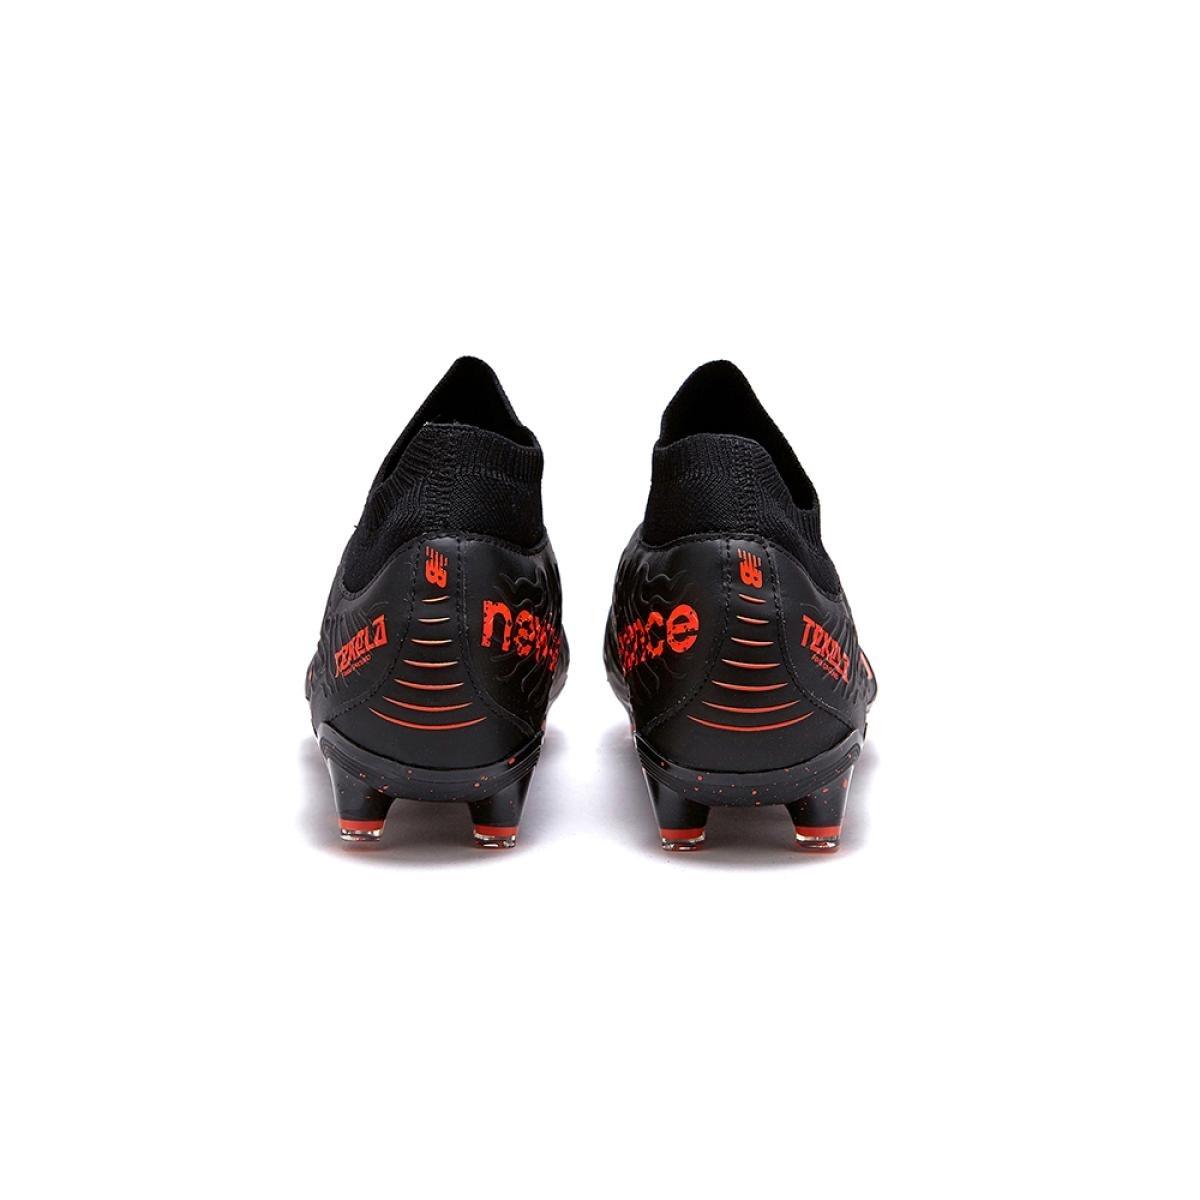 New Balance Tekela 3.0 Pro FG Fotballsko Leather Pack